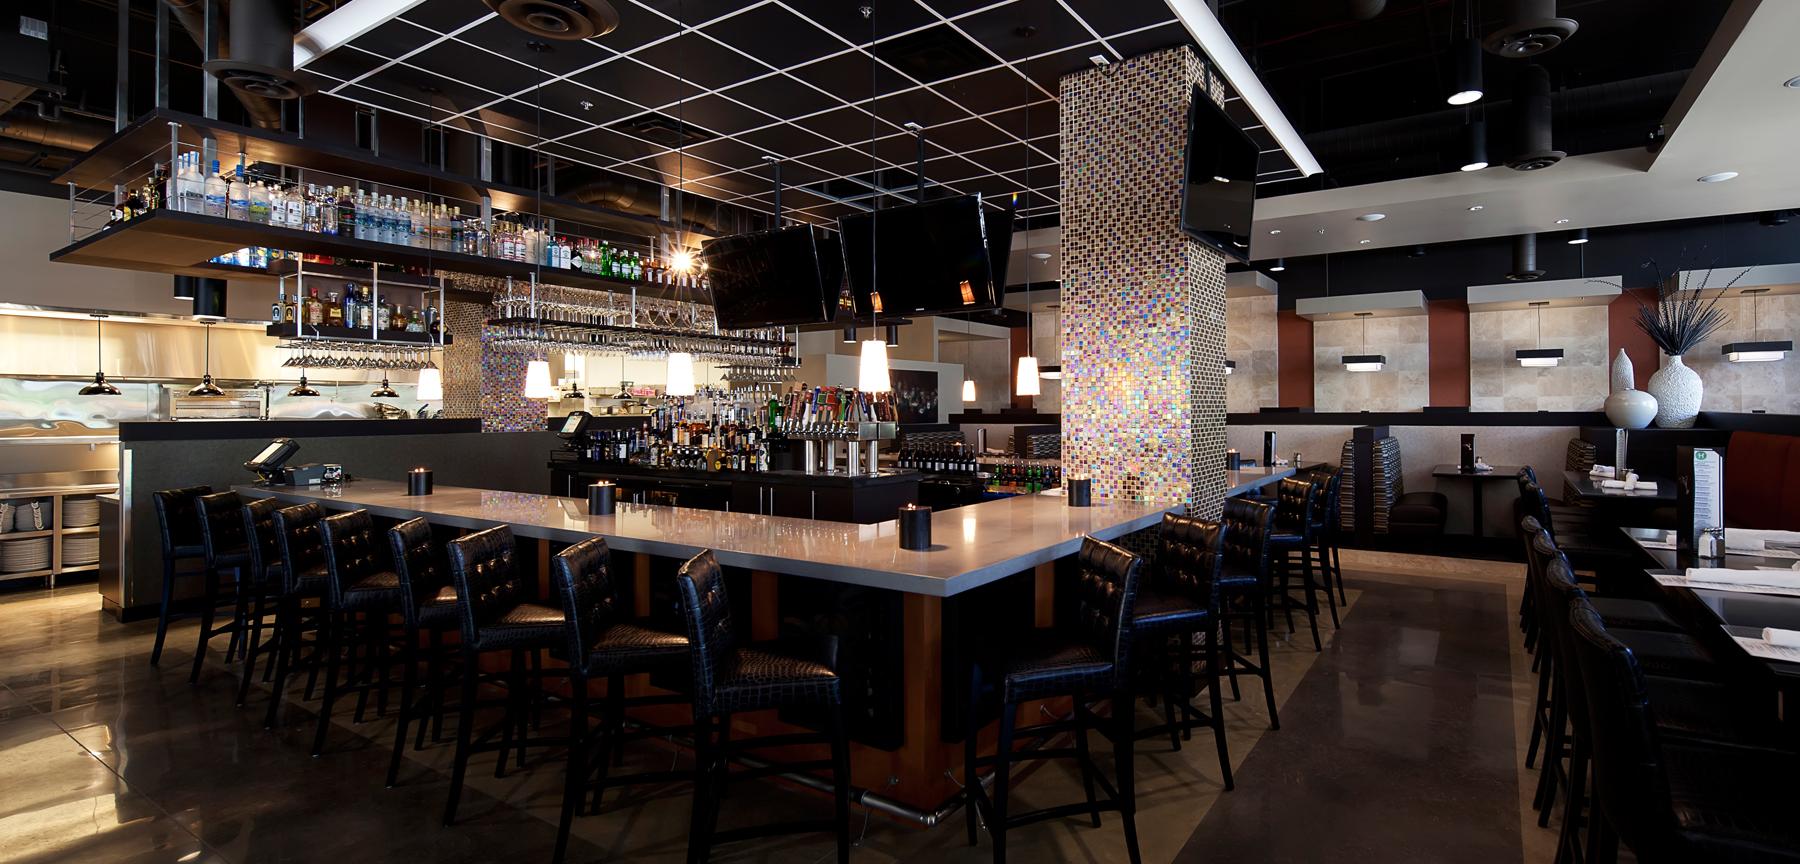 Hodson's Bar & Grill bar area